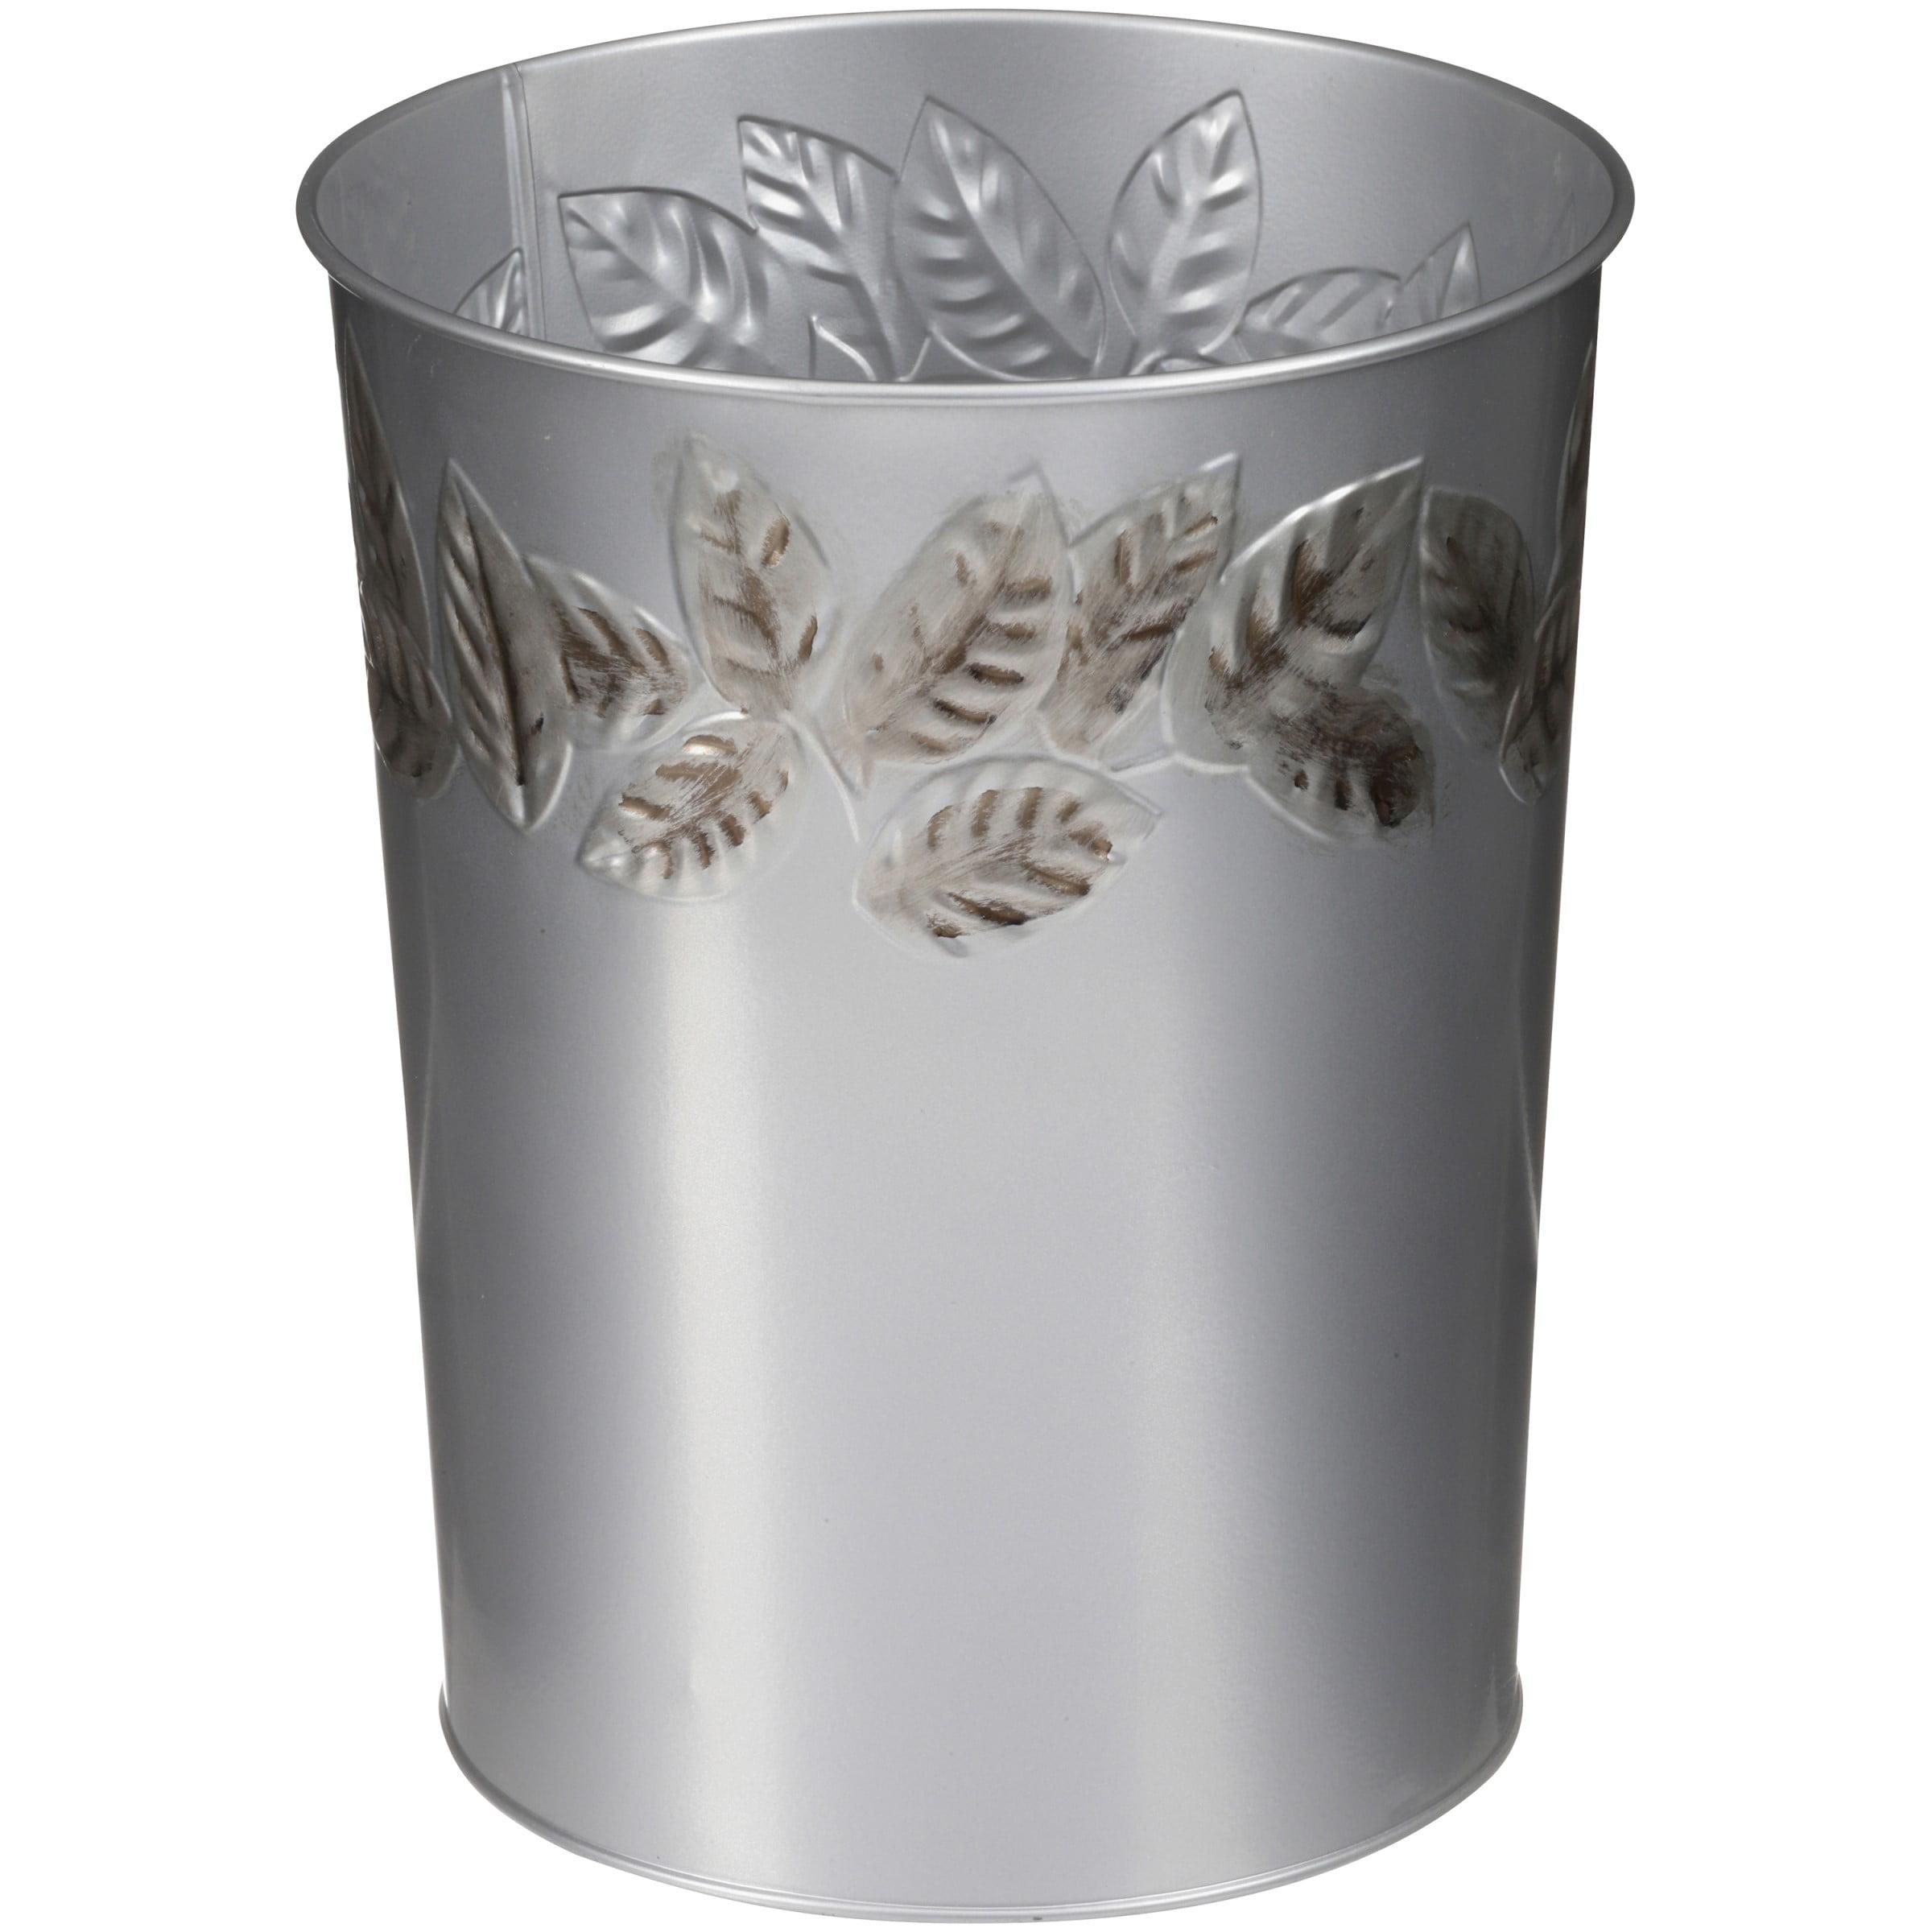 Mainstays Silver Leaves Wastebasket, 1 Each